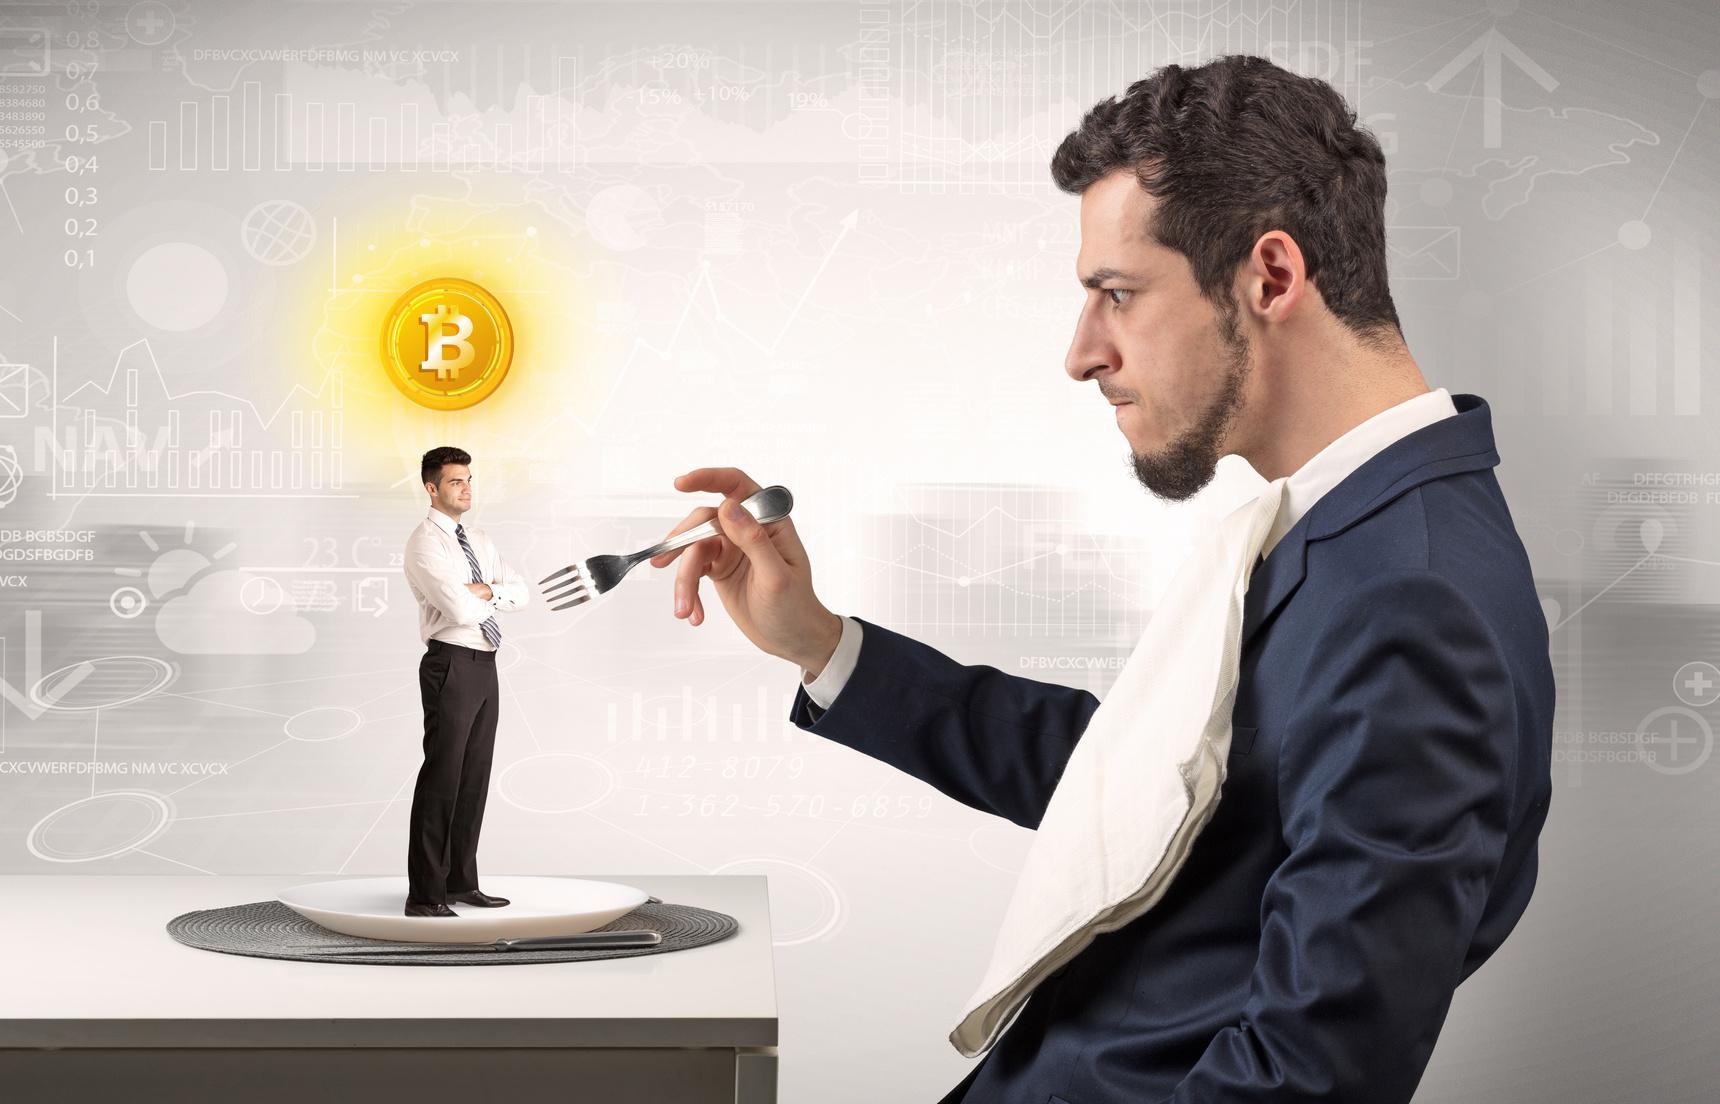 仮想通貨は安全、それとも危険なのか?仕組みを解説